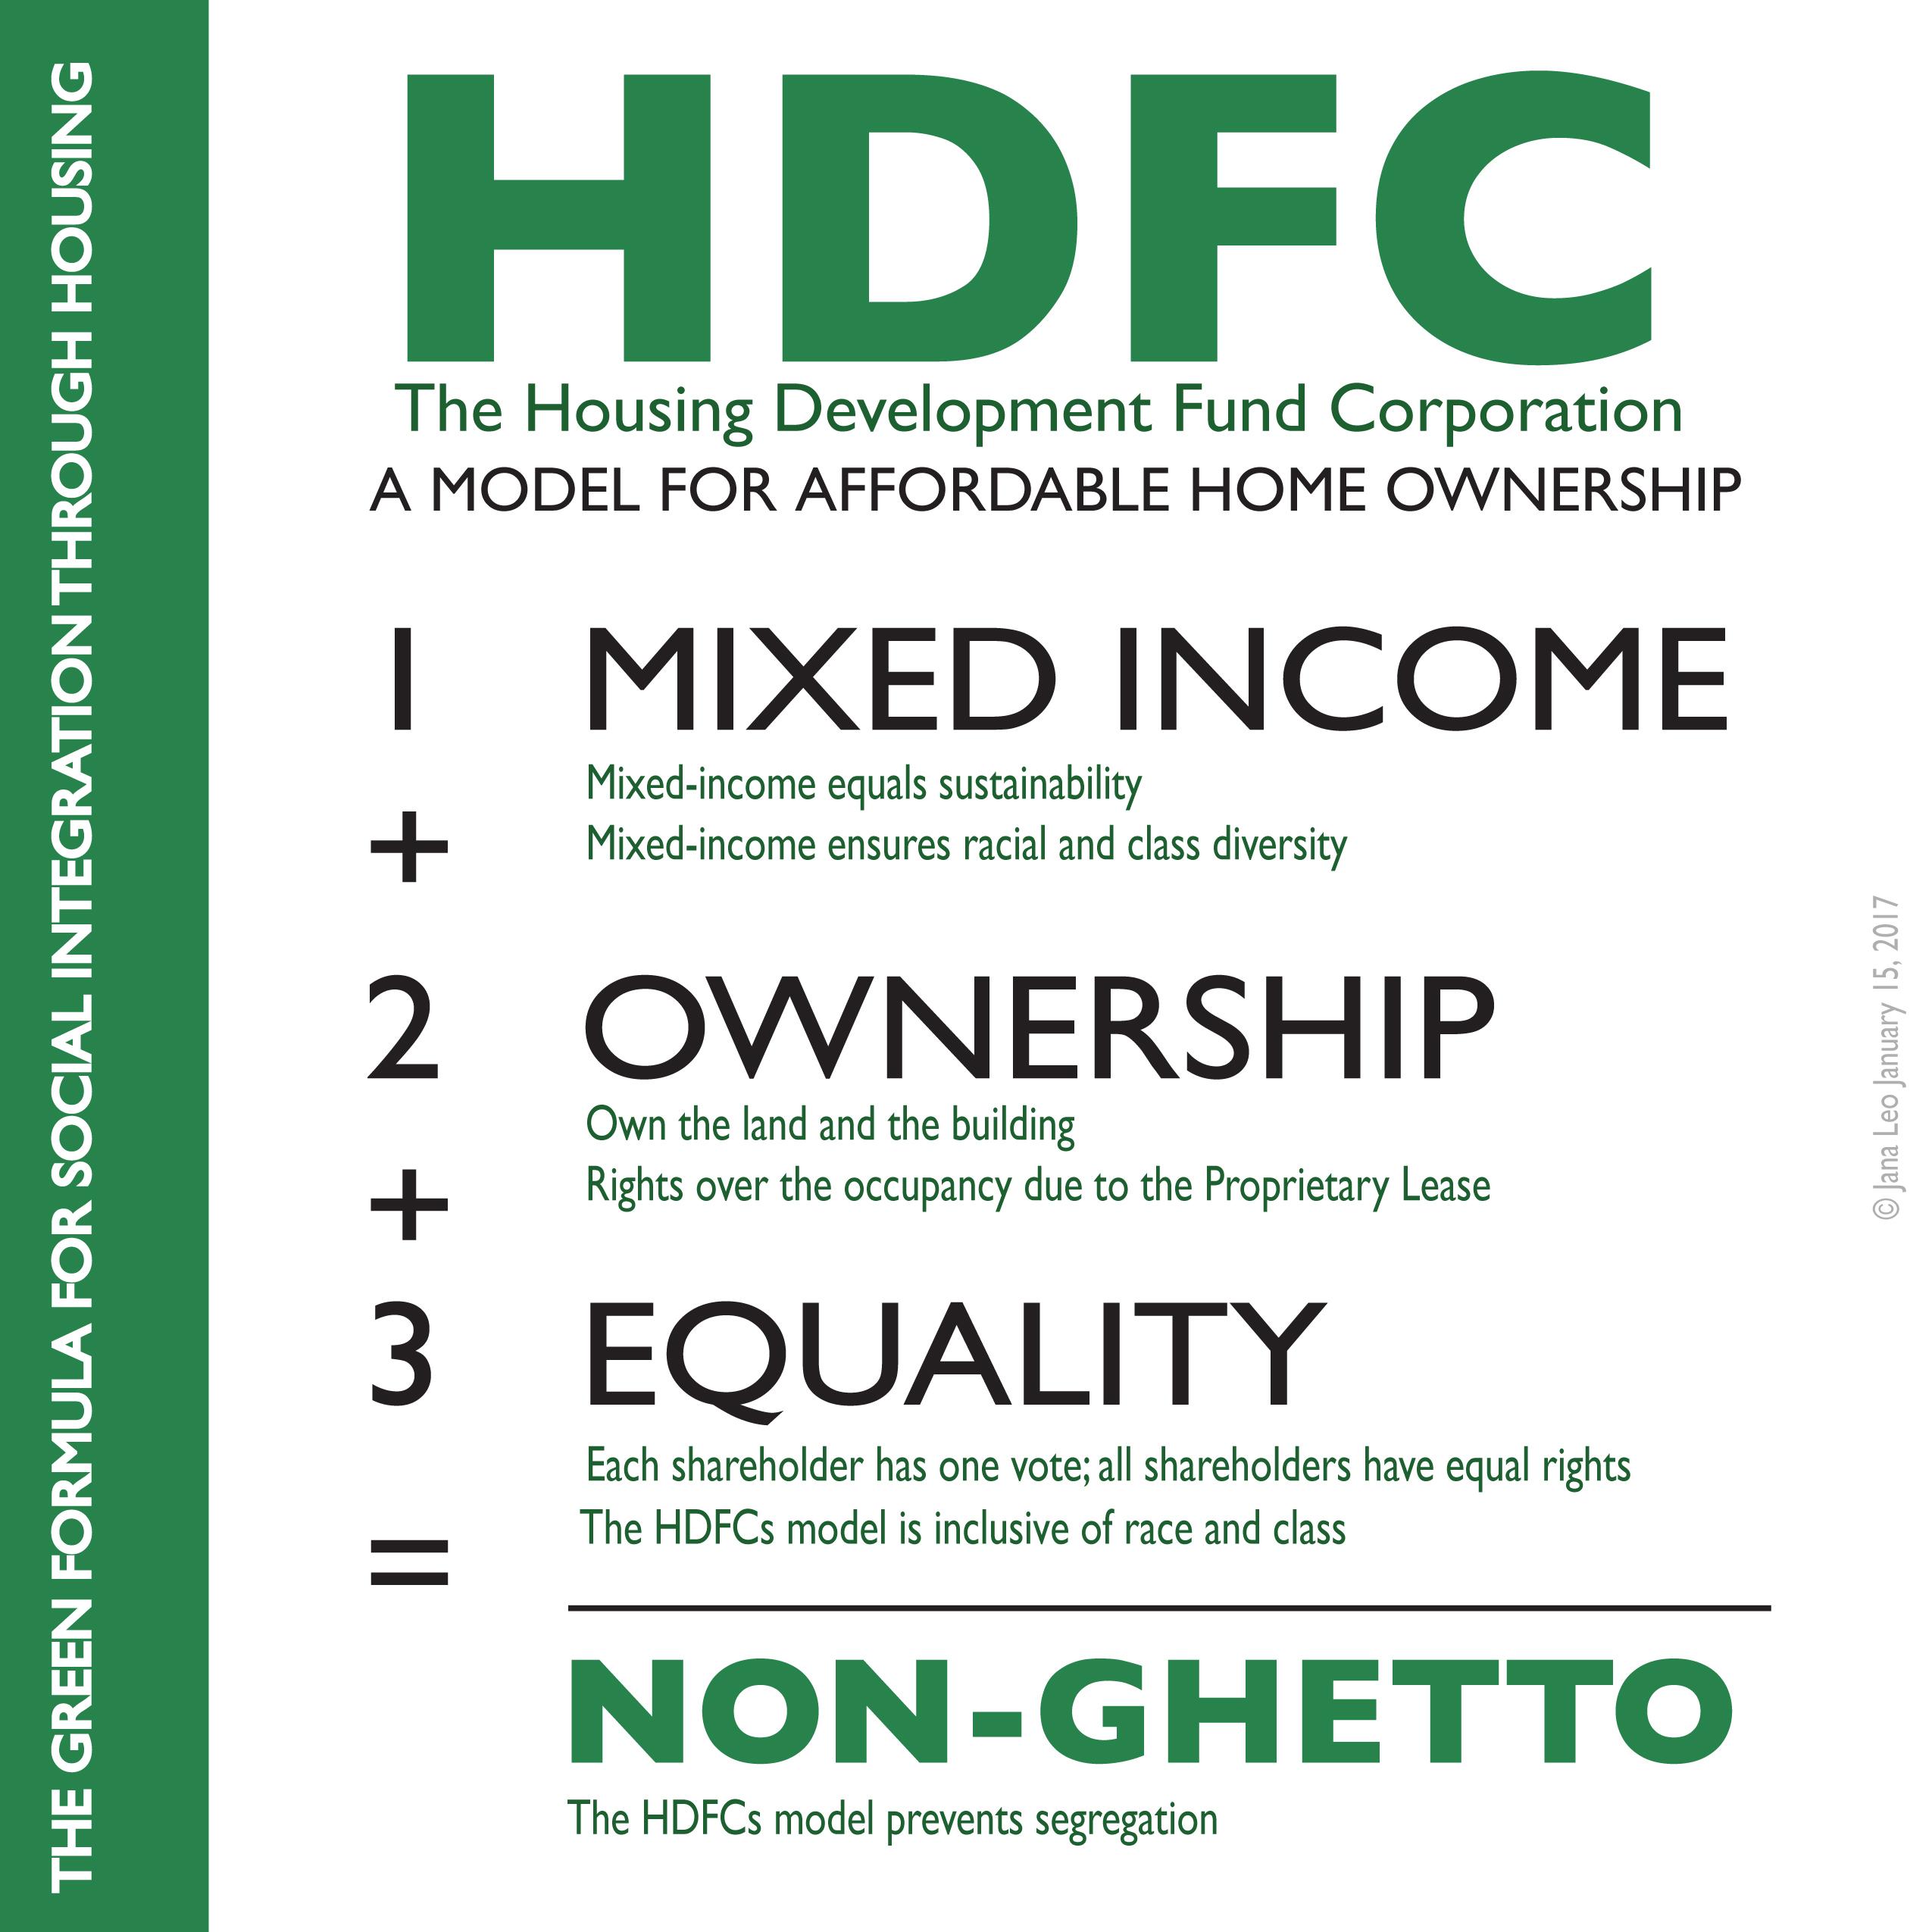 thegreenHDFC copy